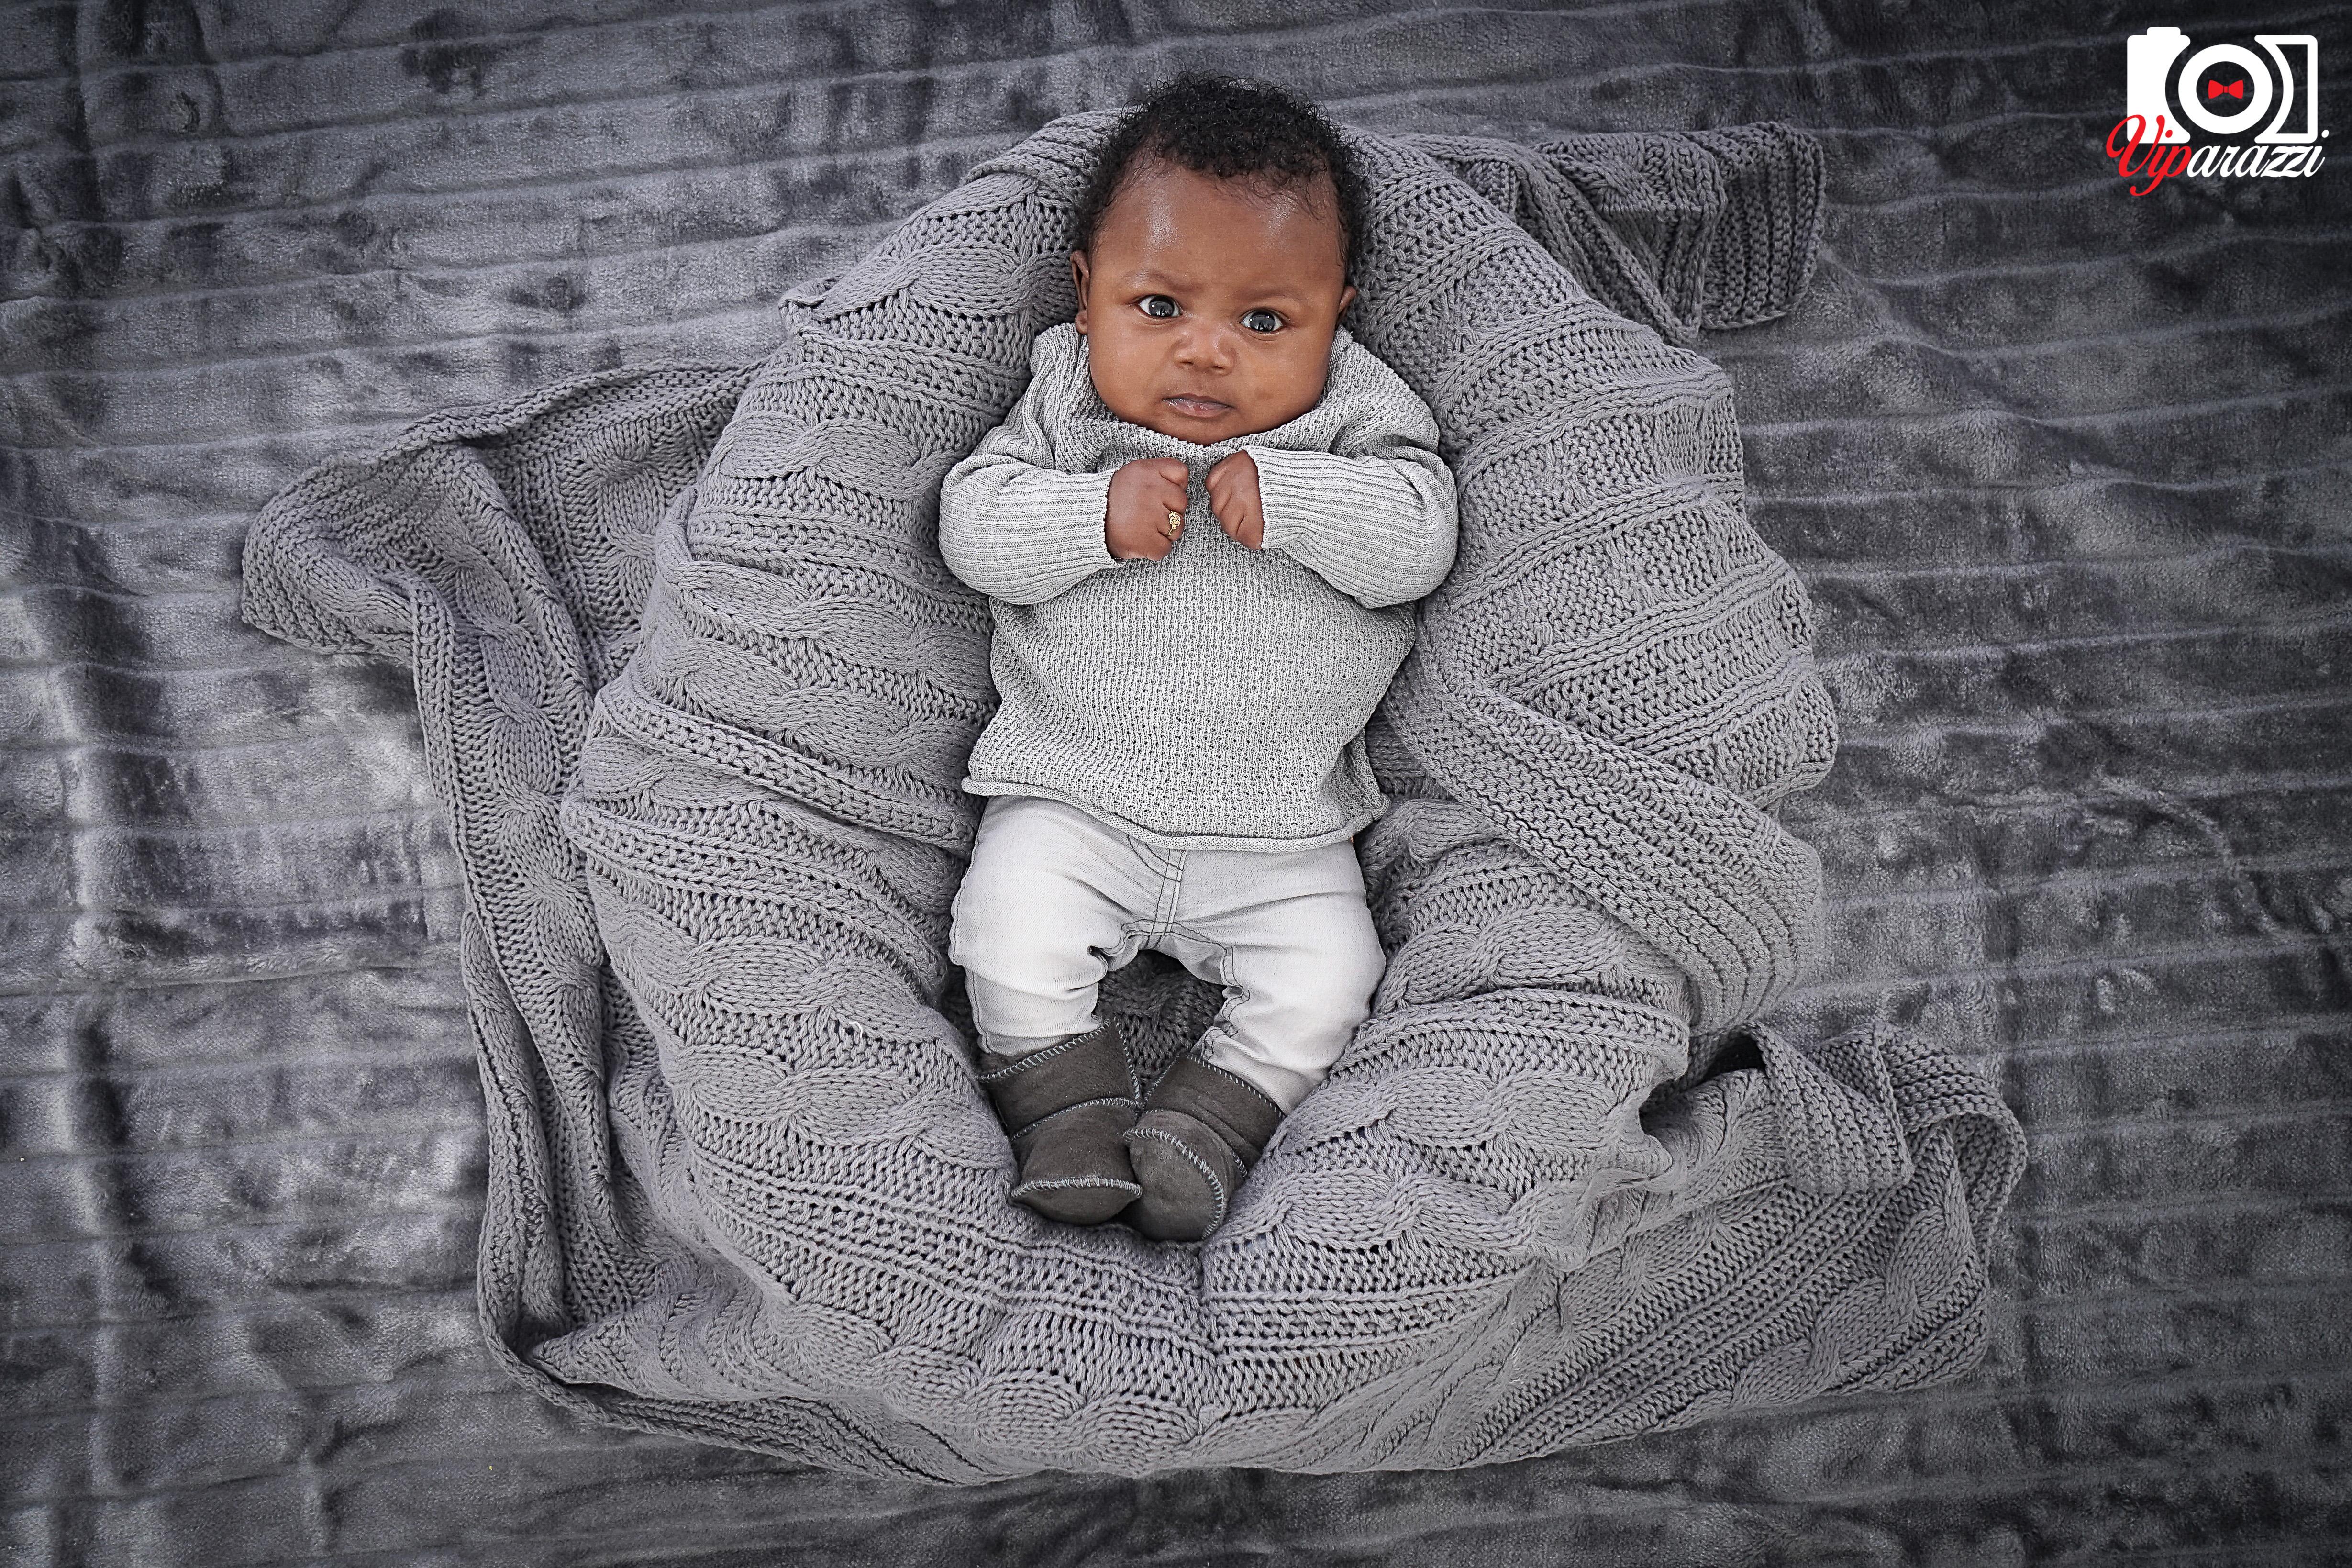 viparazzi - babyfotografie